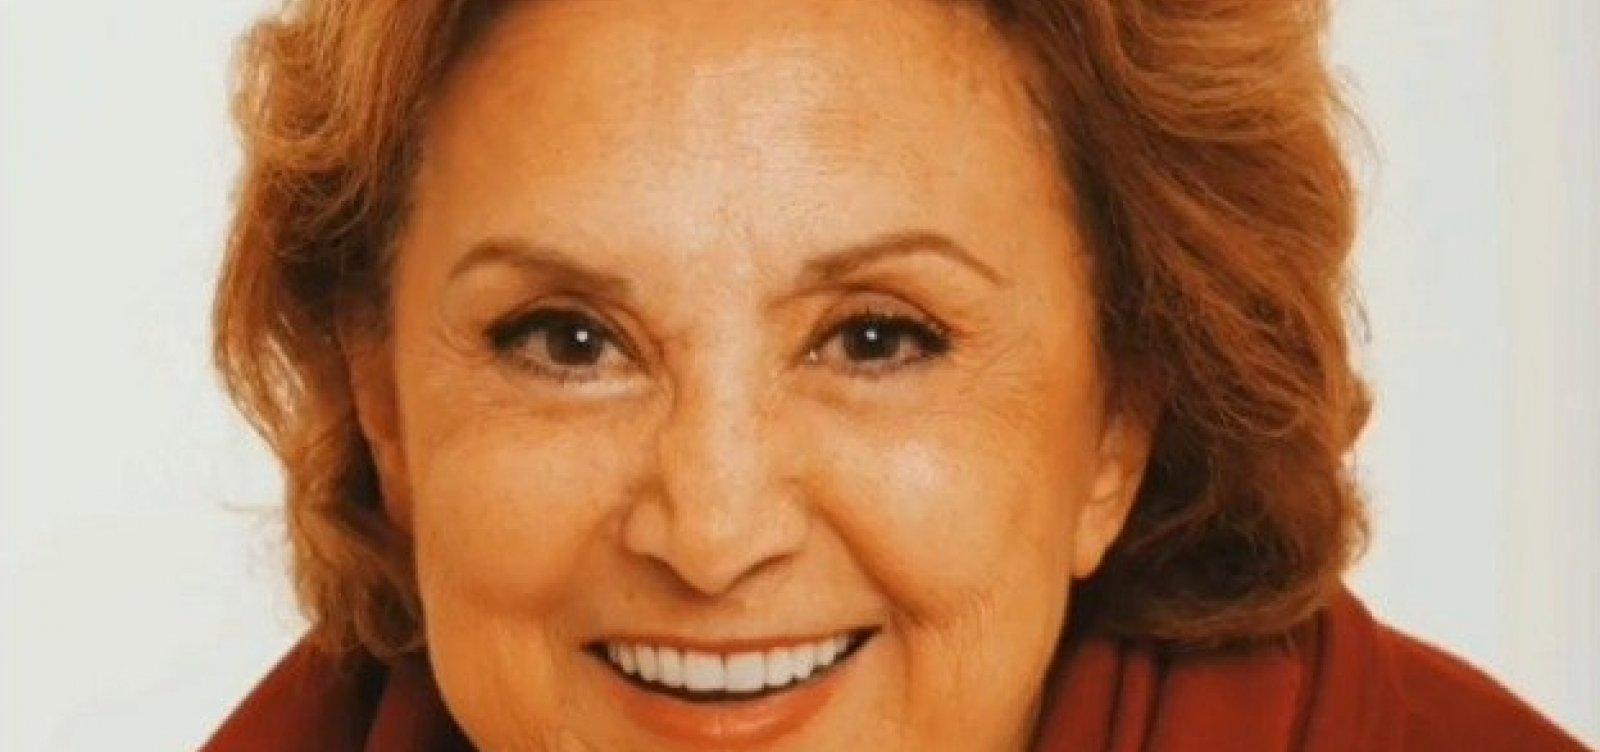 Morre Eva Wilma, aos 87 anos, vítima de câncer no ovário